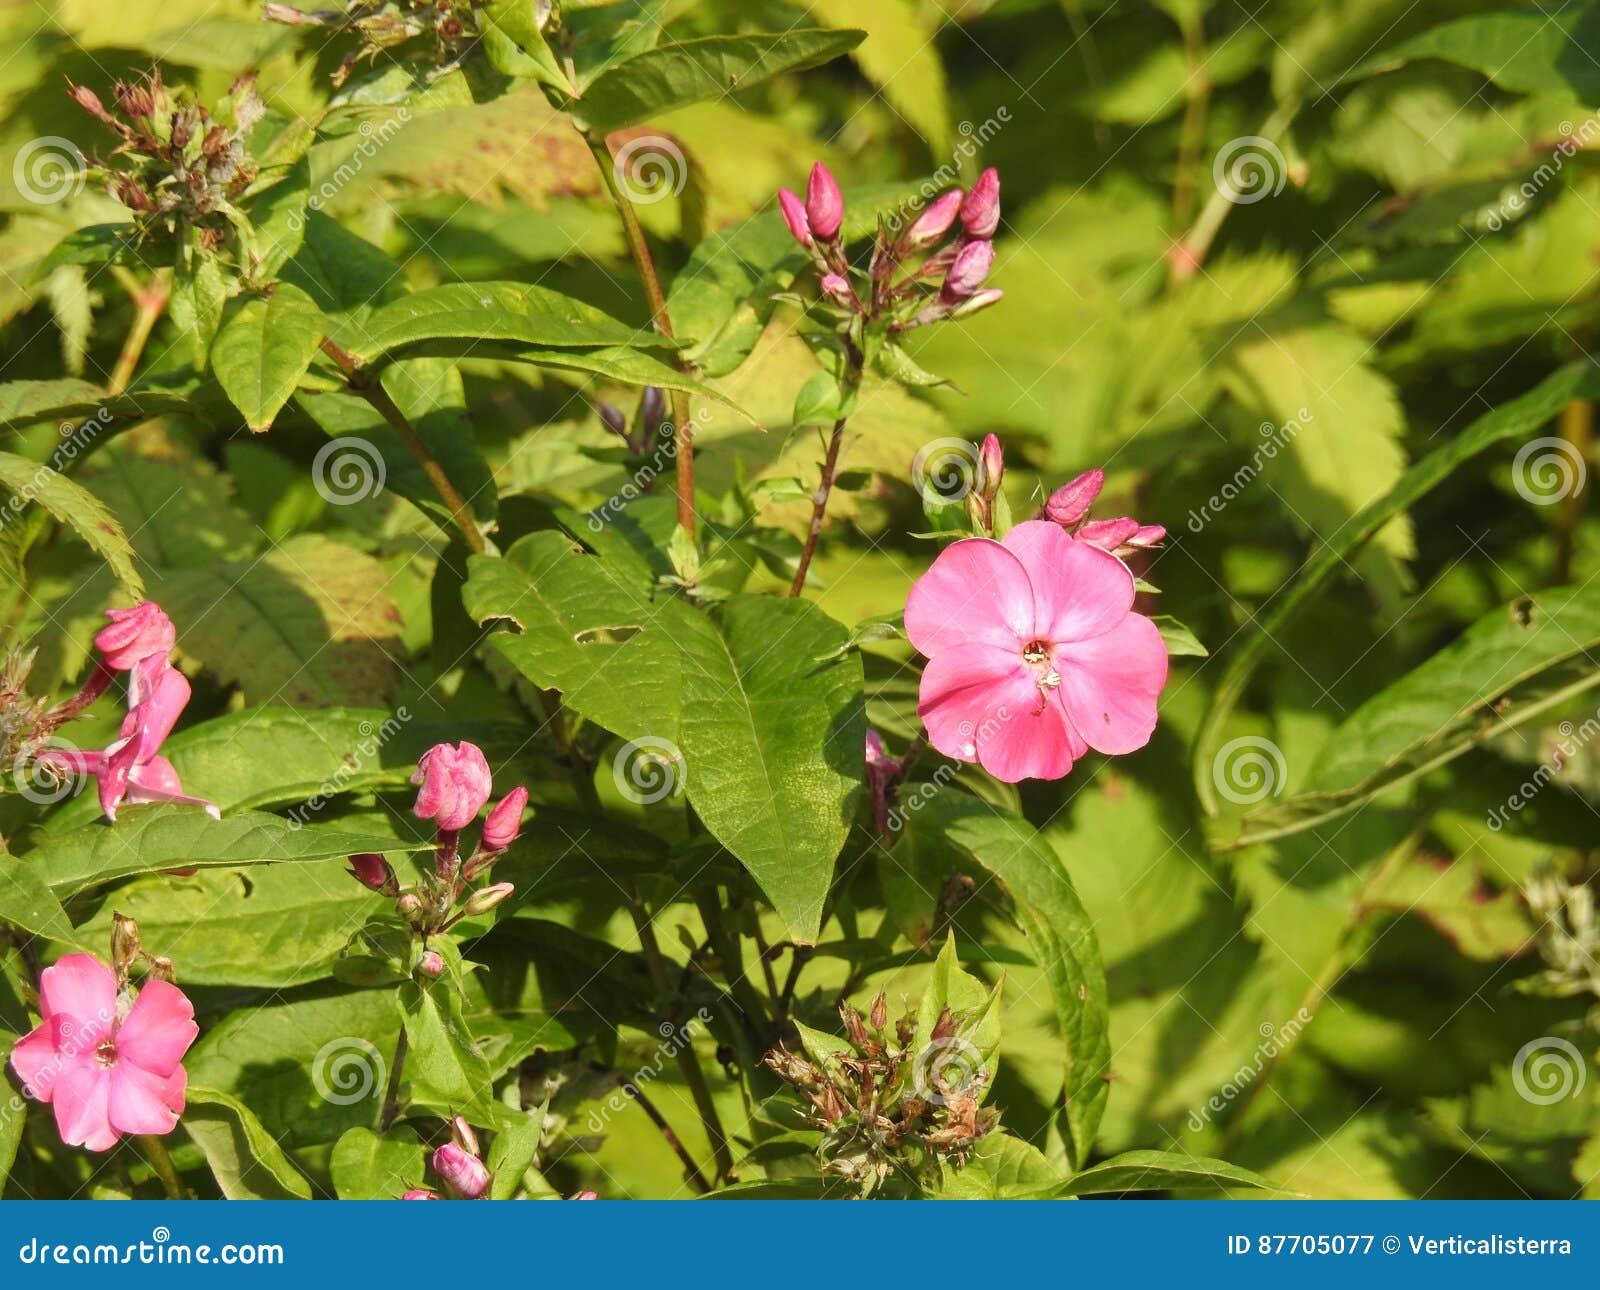 Fiori 5 Petali Rosa.Un Piccolo Fiore Rosa Selvaggio Con 5 Petali Rotondi Immagine